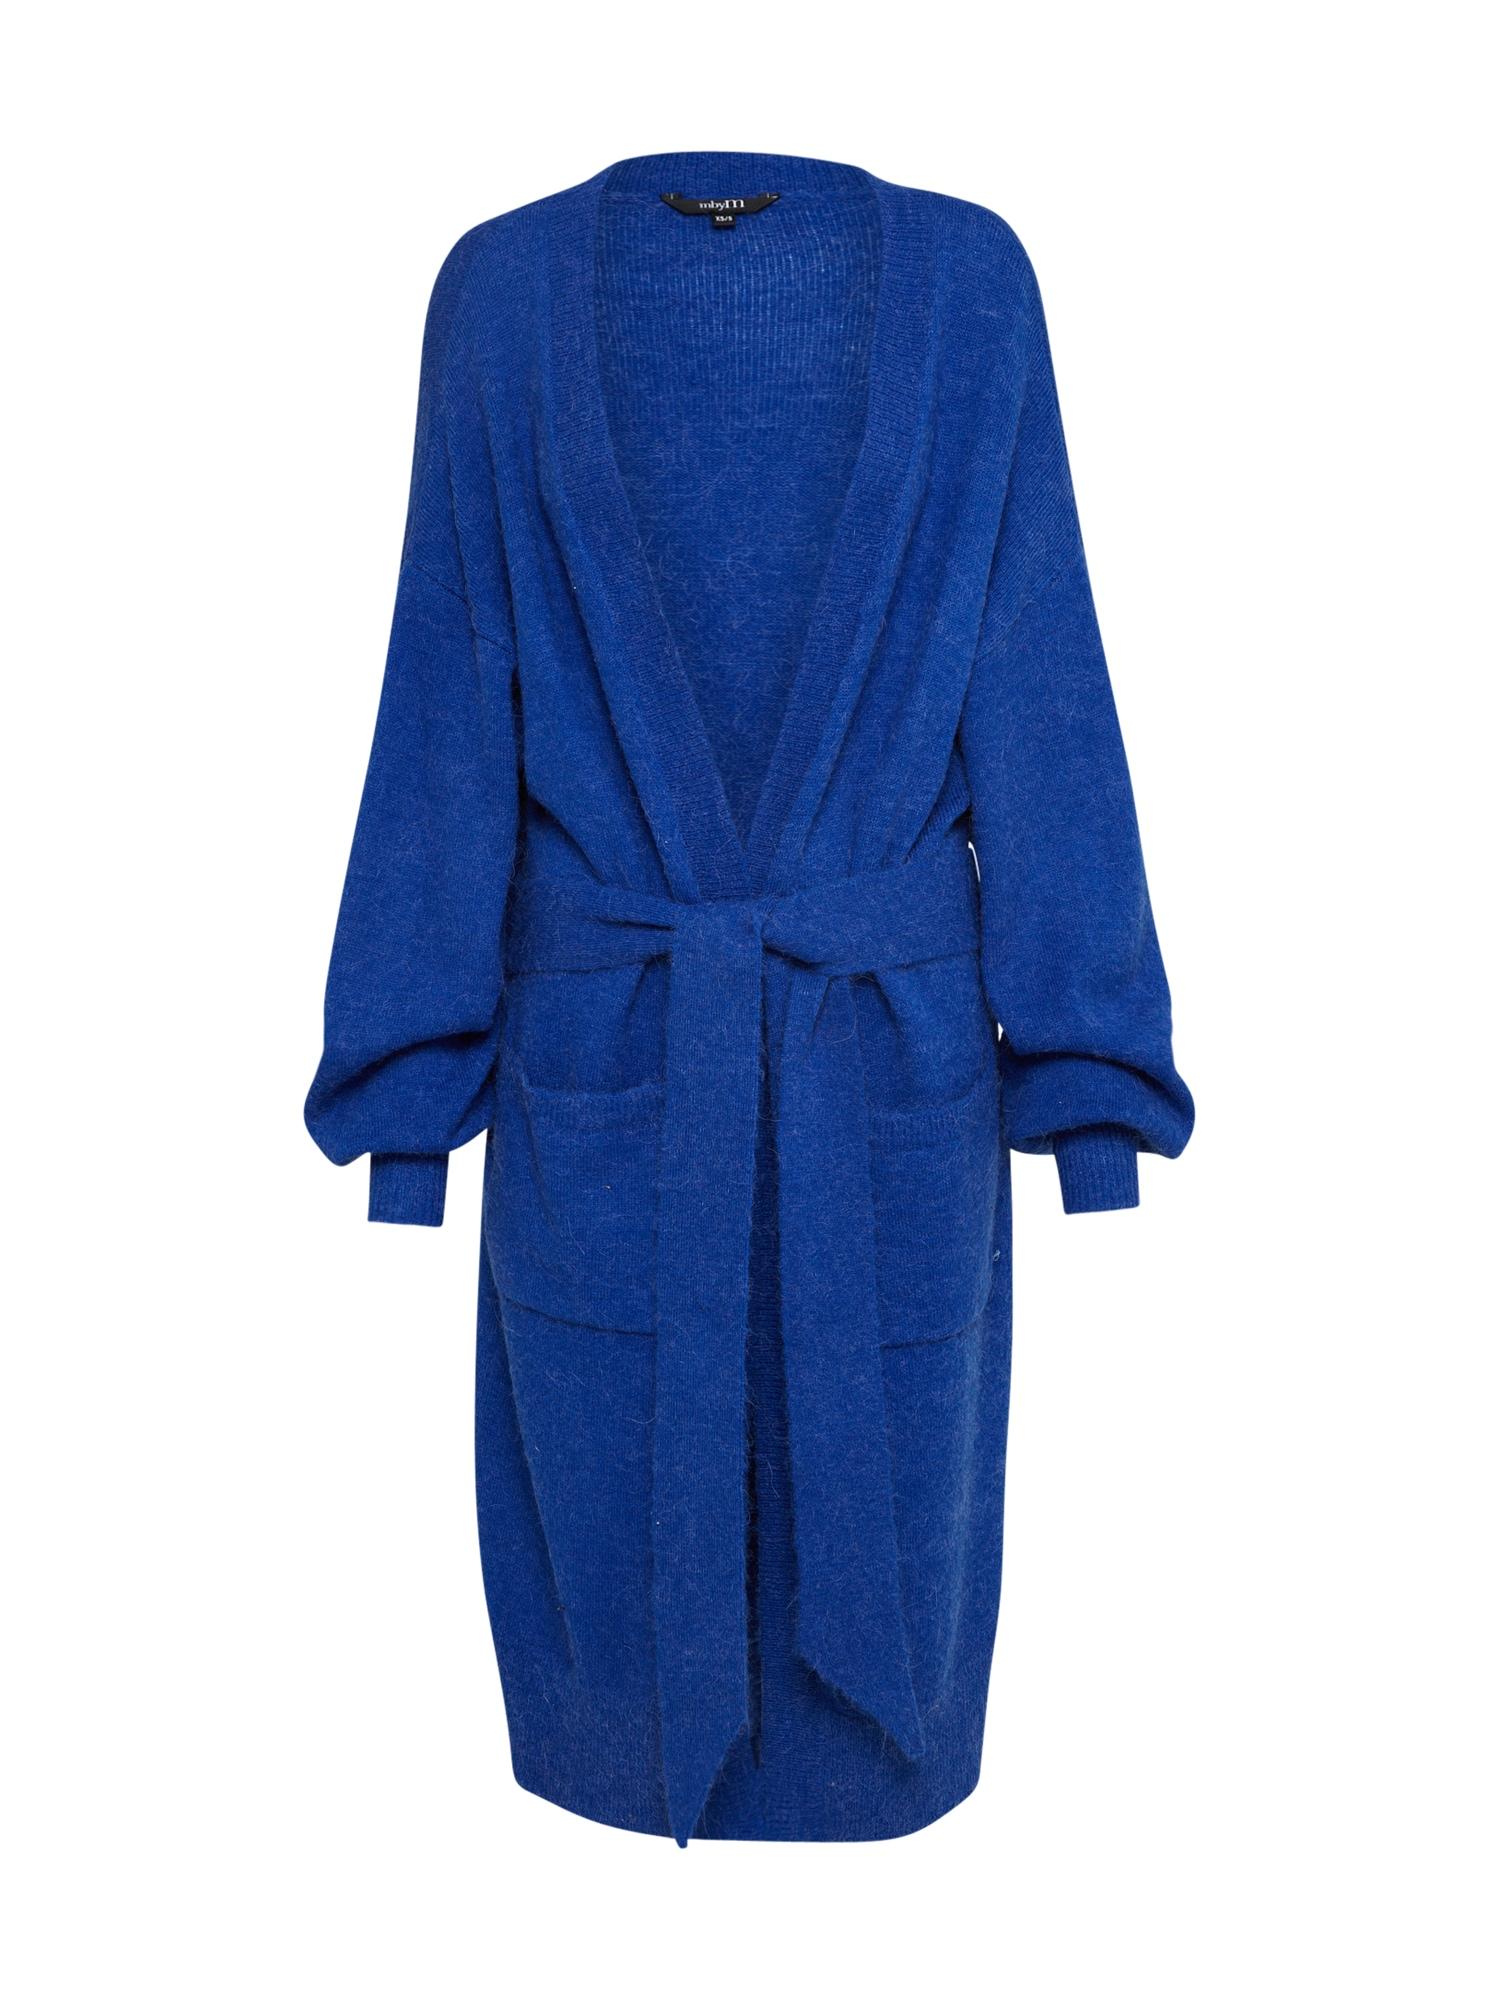 Pletený kabátek Walton modrá Mbym